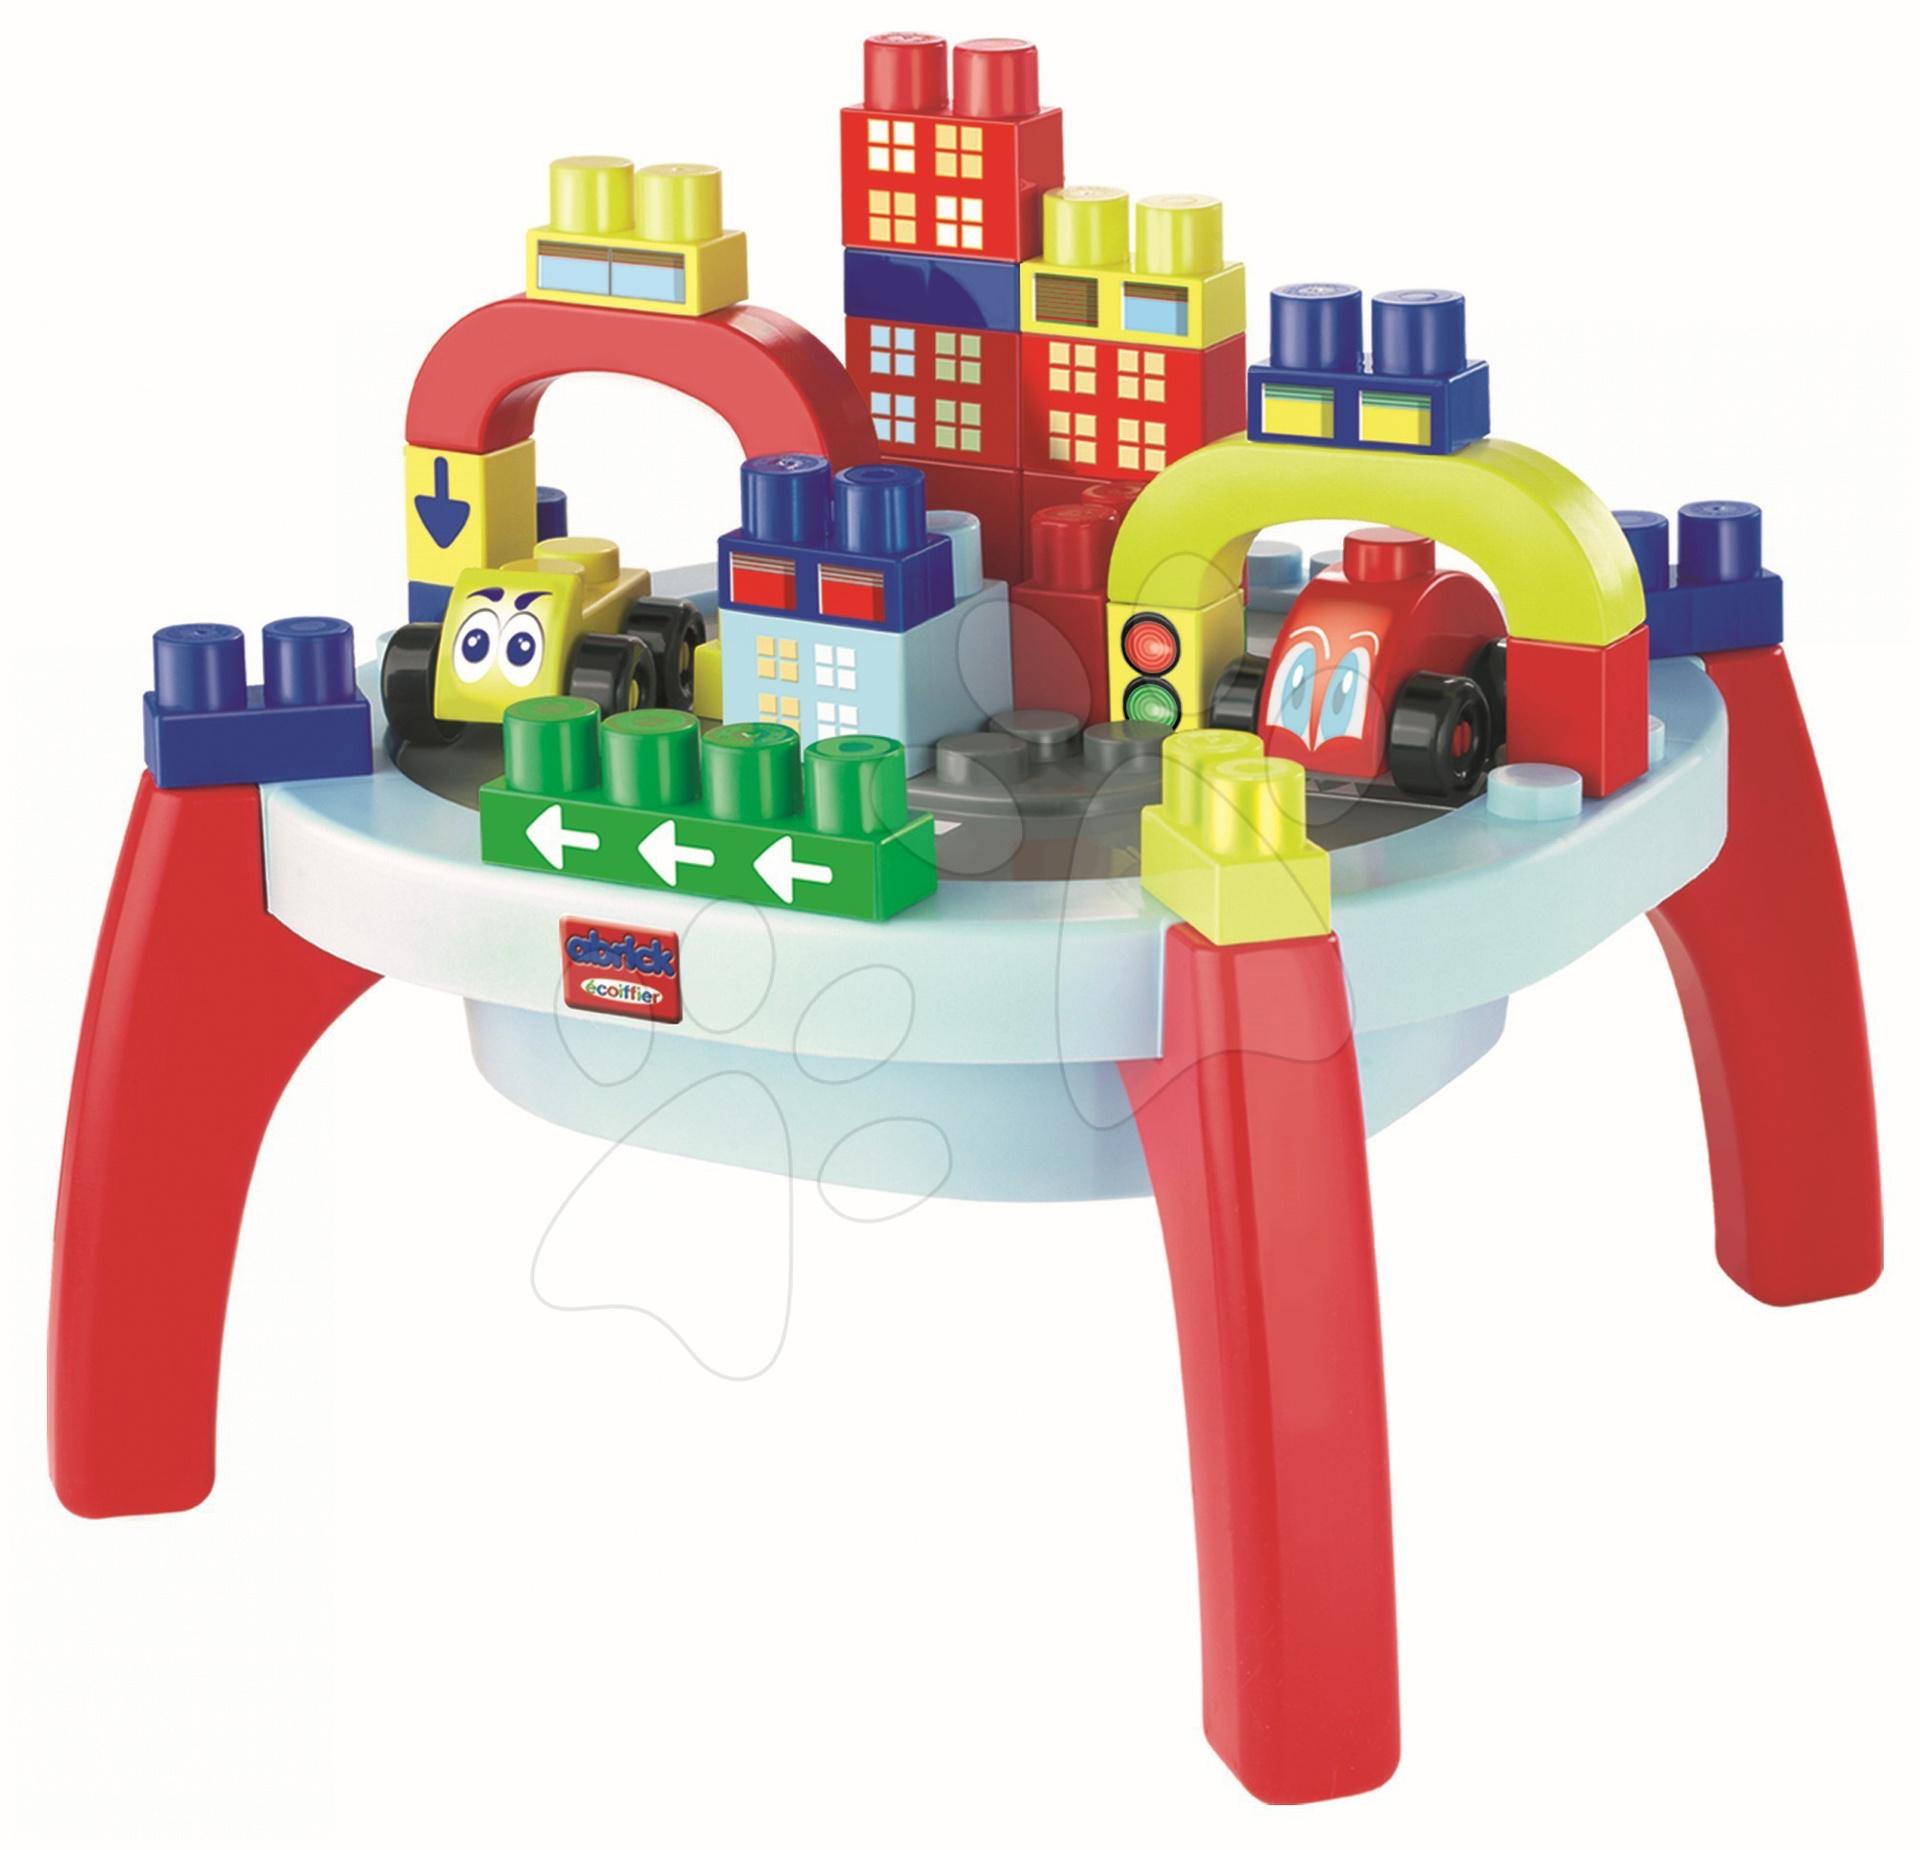 Stůl Abrick Maxi Écoiffier s kostkami a autíčky 37 dílů + 24 dílů bonus od 12 měsíců